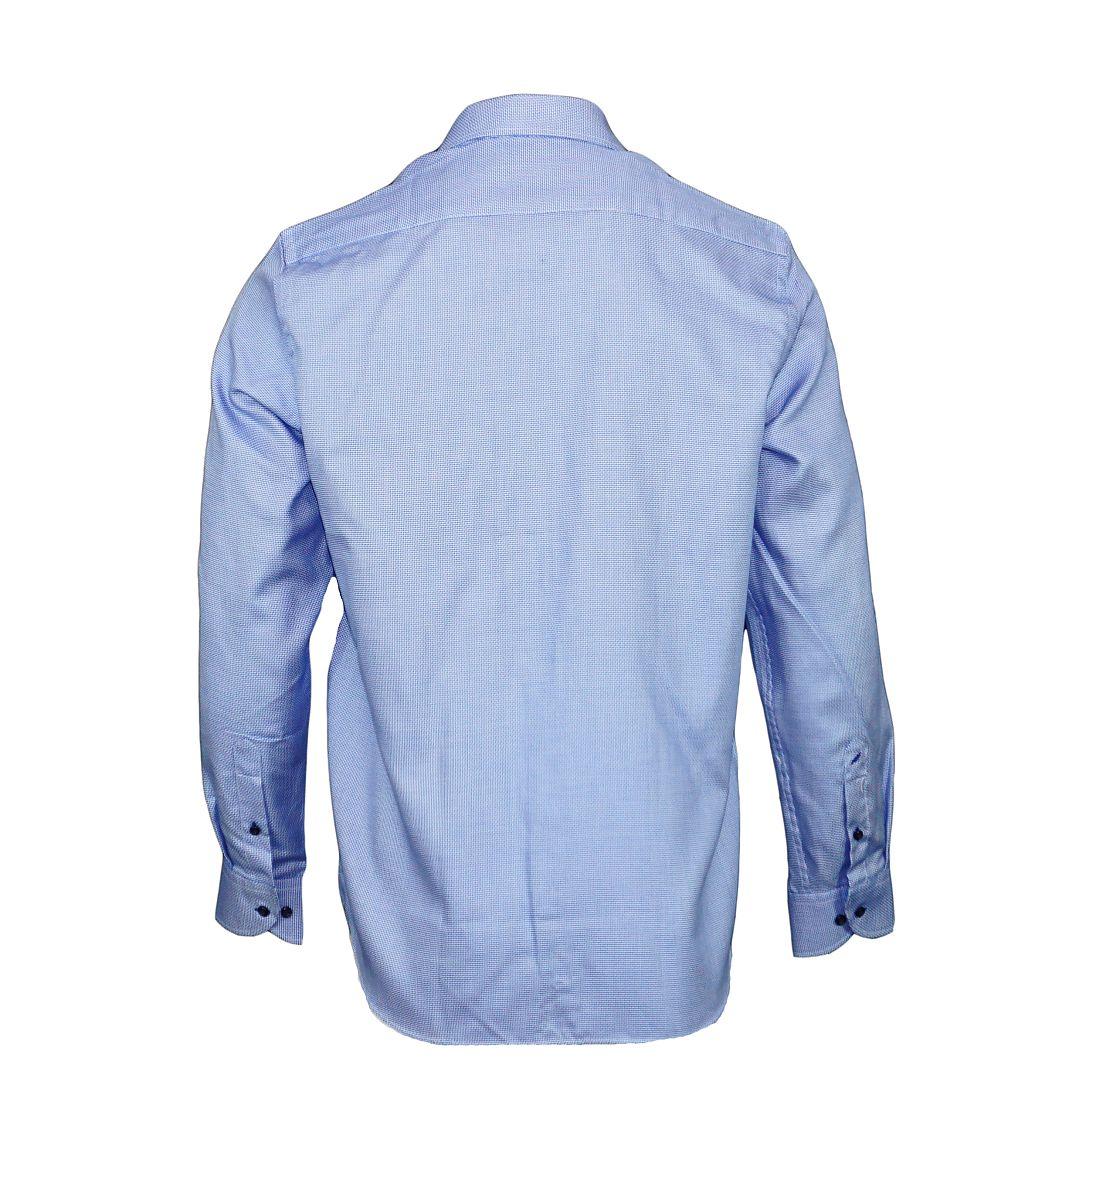 Daniel Hechter Hemd Kent 10200 55986 62 100 blau MODERN FIT Businesshemd SH17-DH1